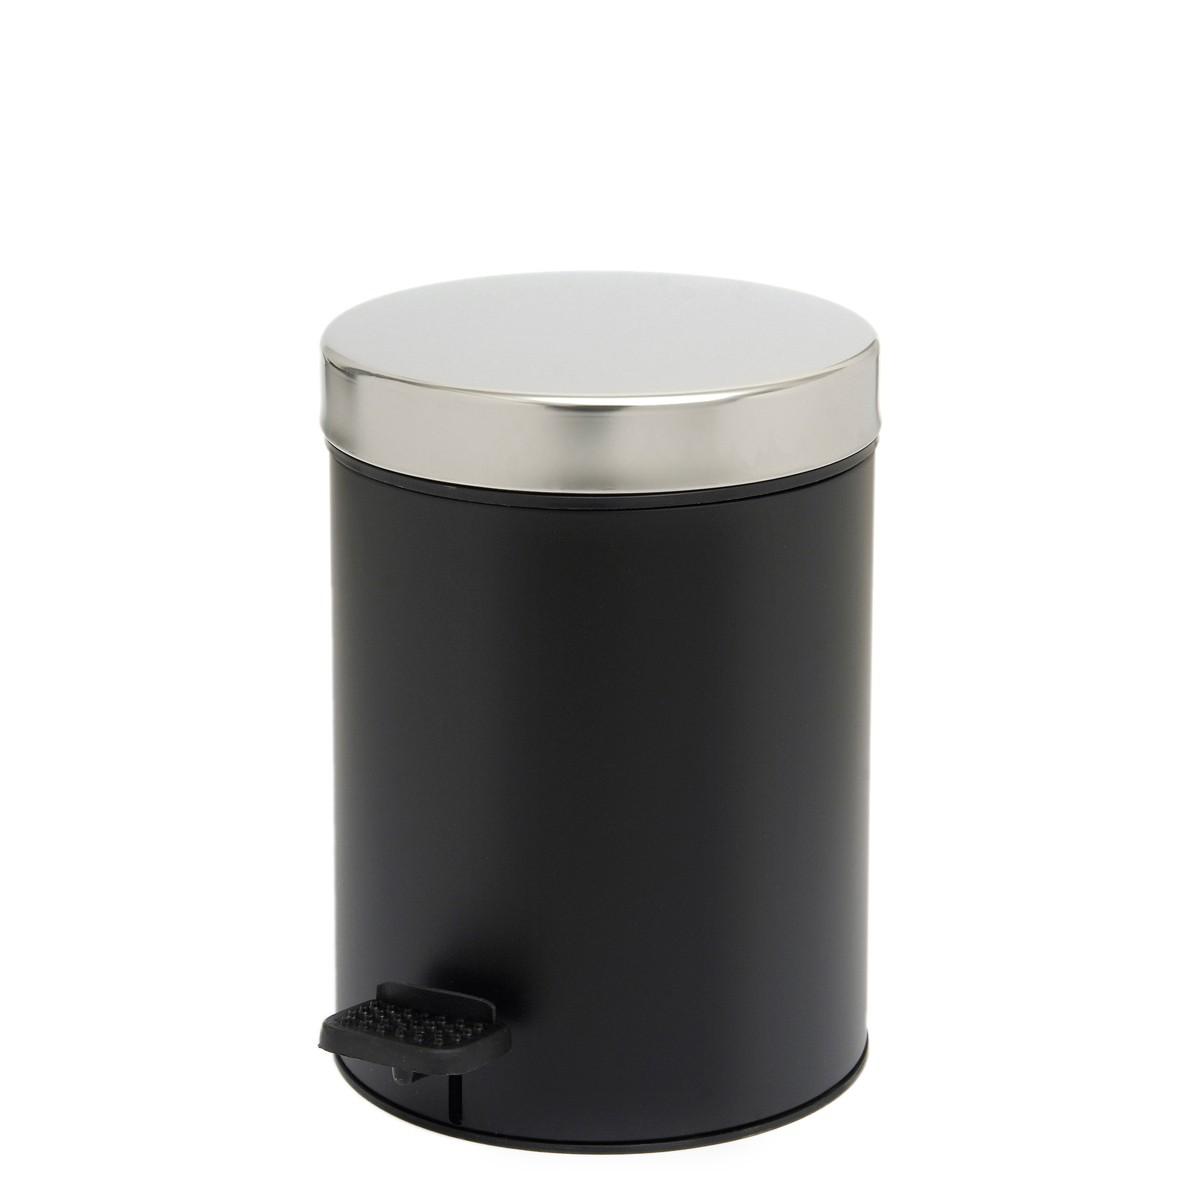 Κάδος Απορριμάτων (18x25) PamCo 3Lit 126 Black Matte home   μπάνιο   κάδοι απορριμμάτων